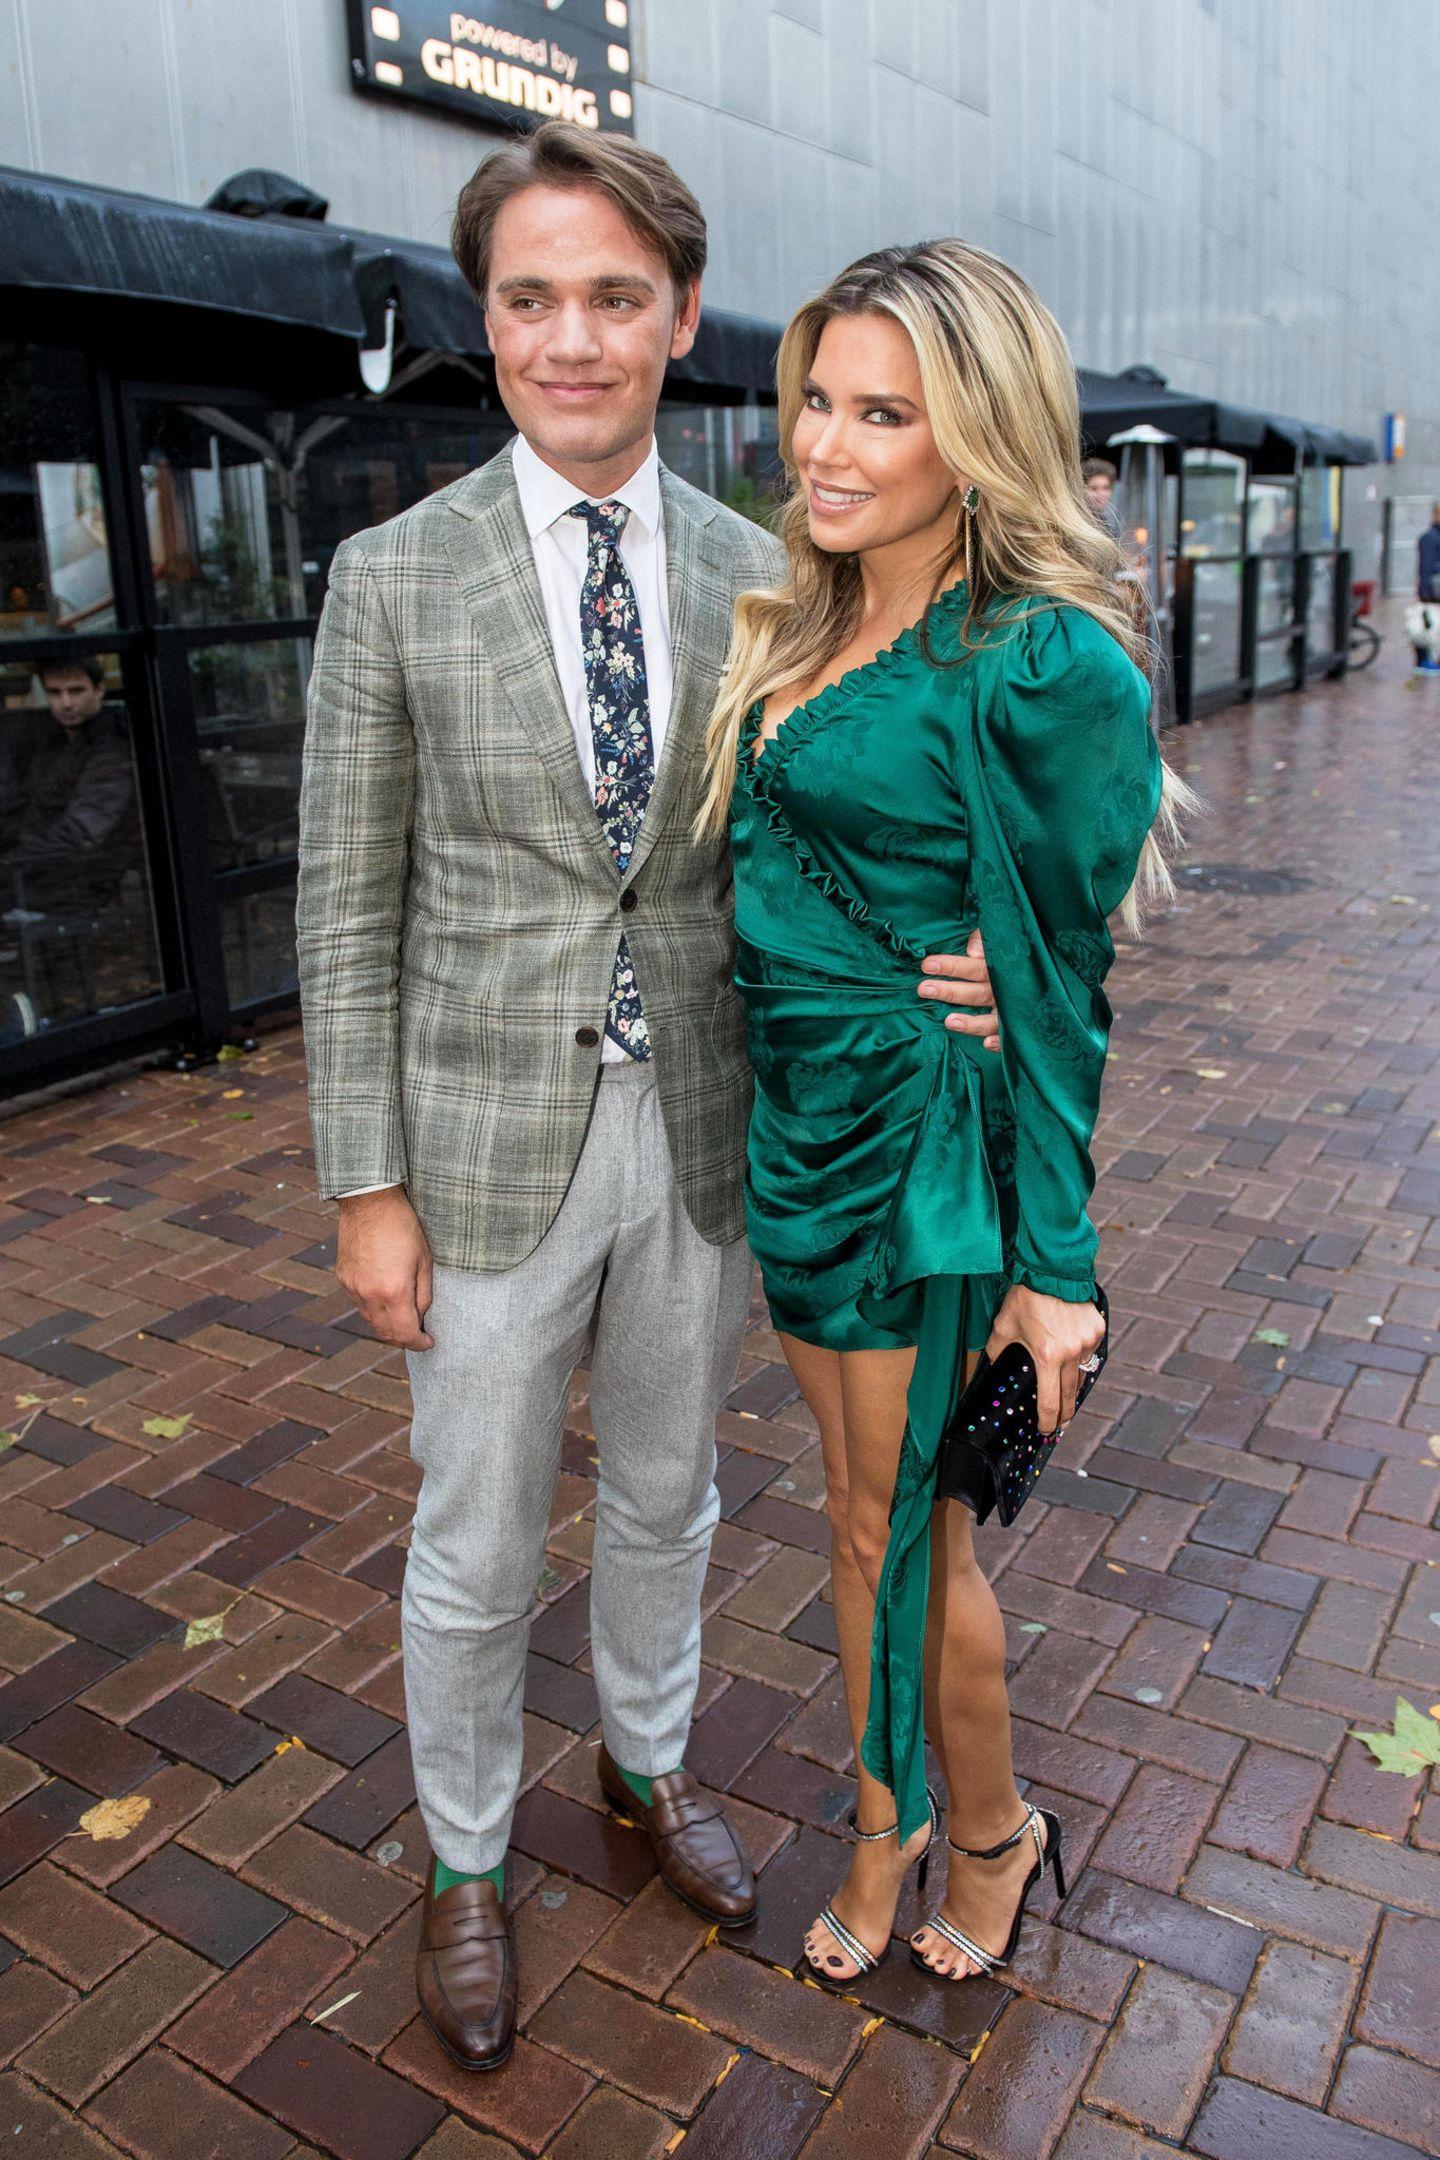 Zufall oder Absicht?Sylvies Bruder Daniel begleitet seine berühmte Schwester zur Premiere. In Sachen Mode scheint sich das Geschwister-Paar bestens zu verstehen, denn Daniel hat seine Socken sogar farblich auf Sylvies Kleid abgestimmt.